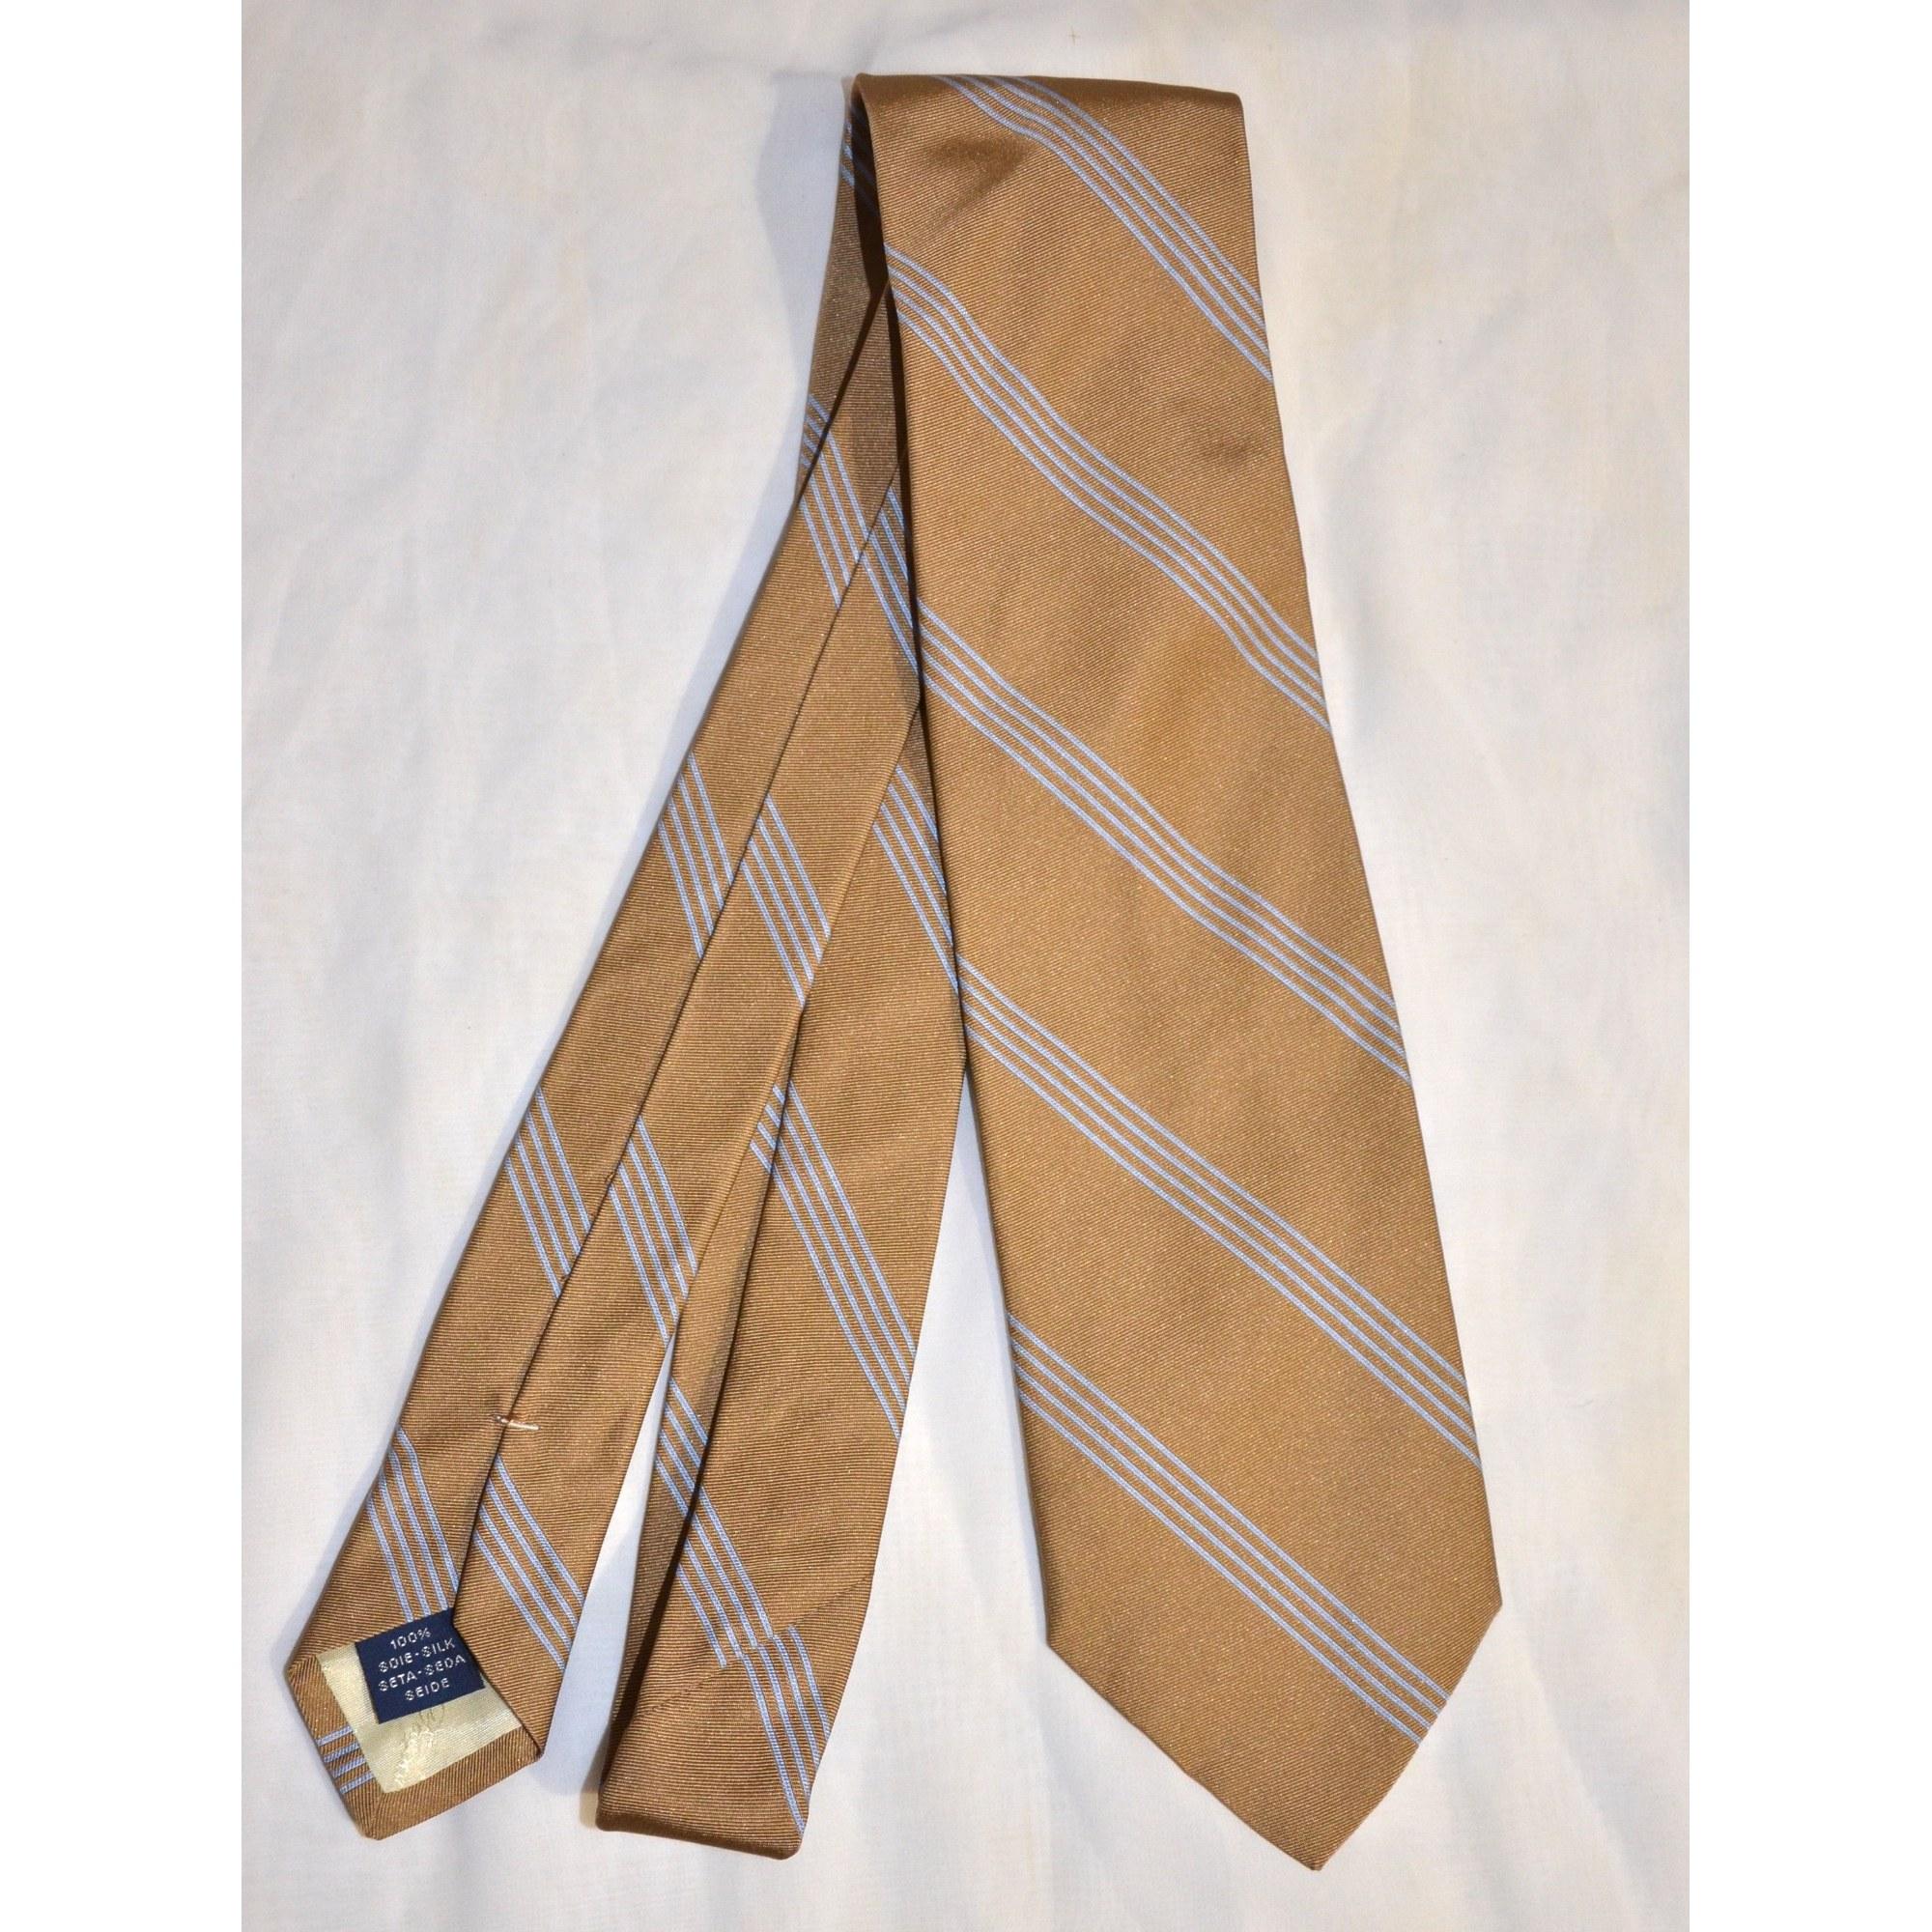 Cravate FAÇONNABLE Beige, camel